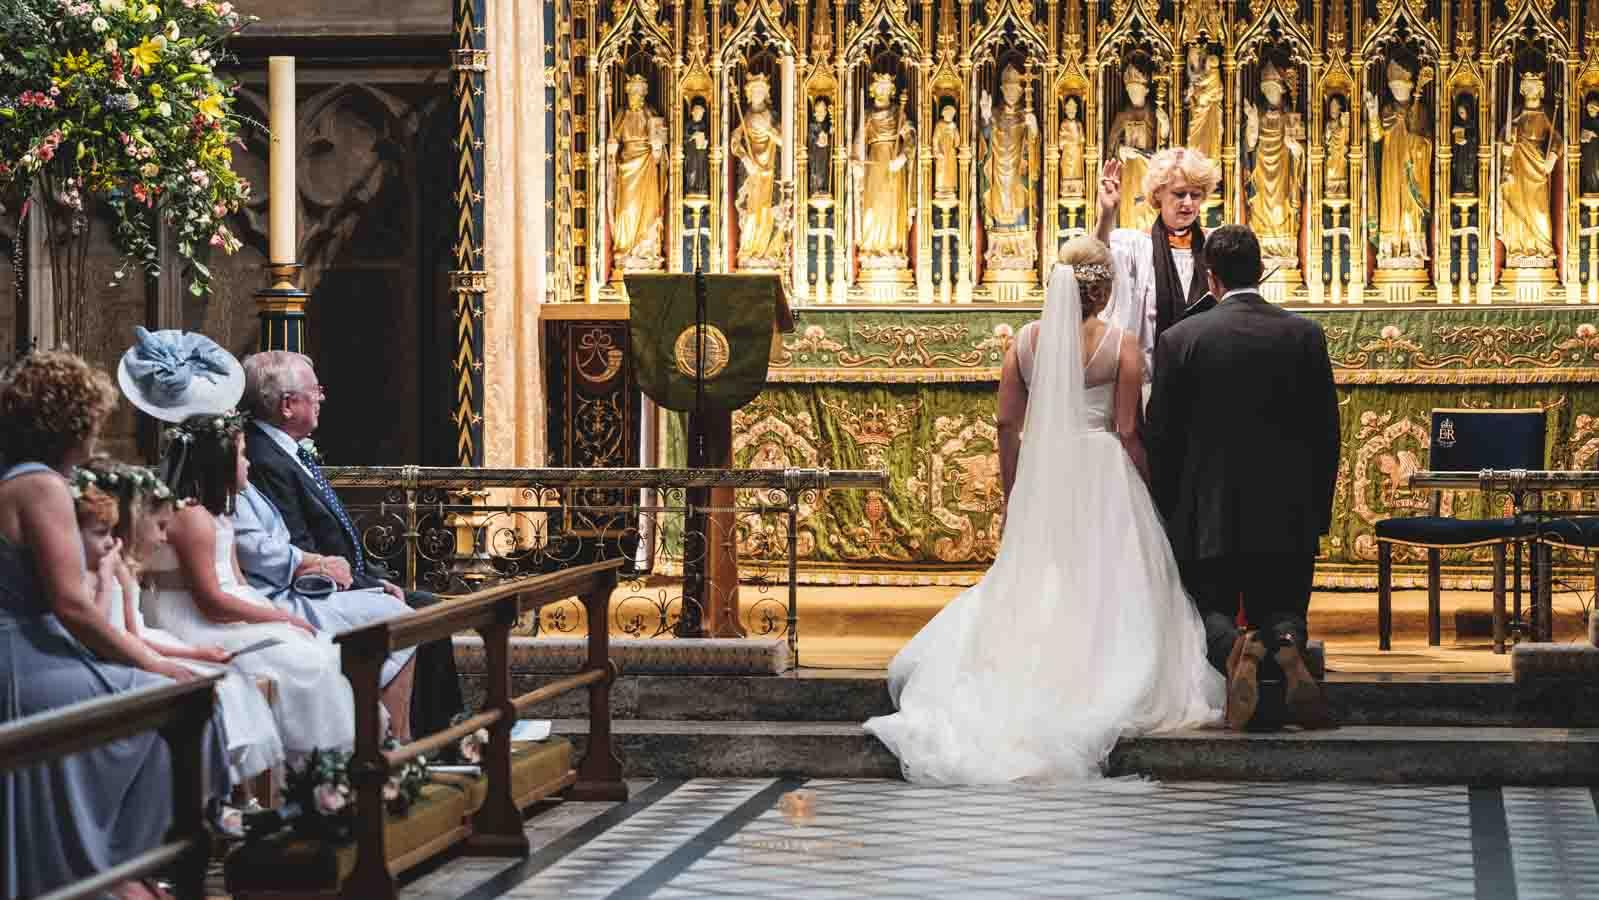 ripon-cathedral-wedding-043